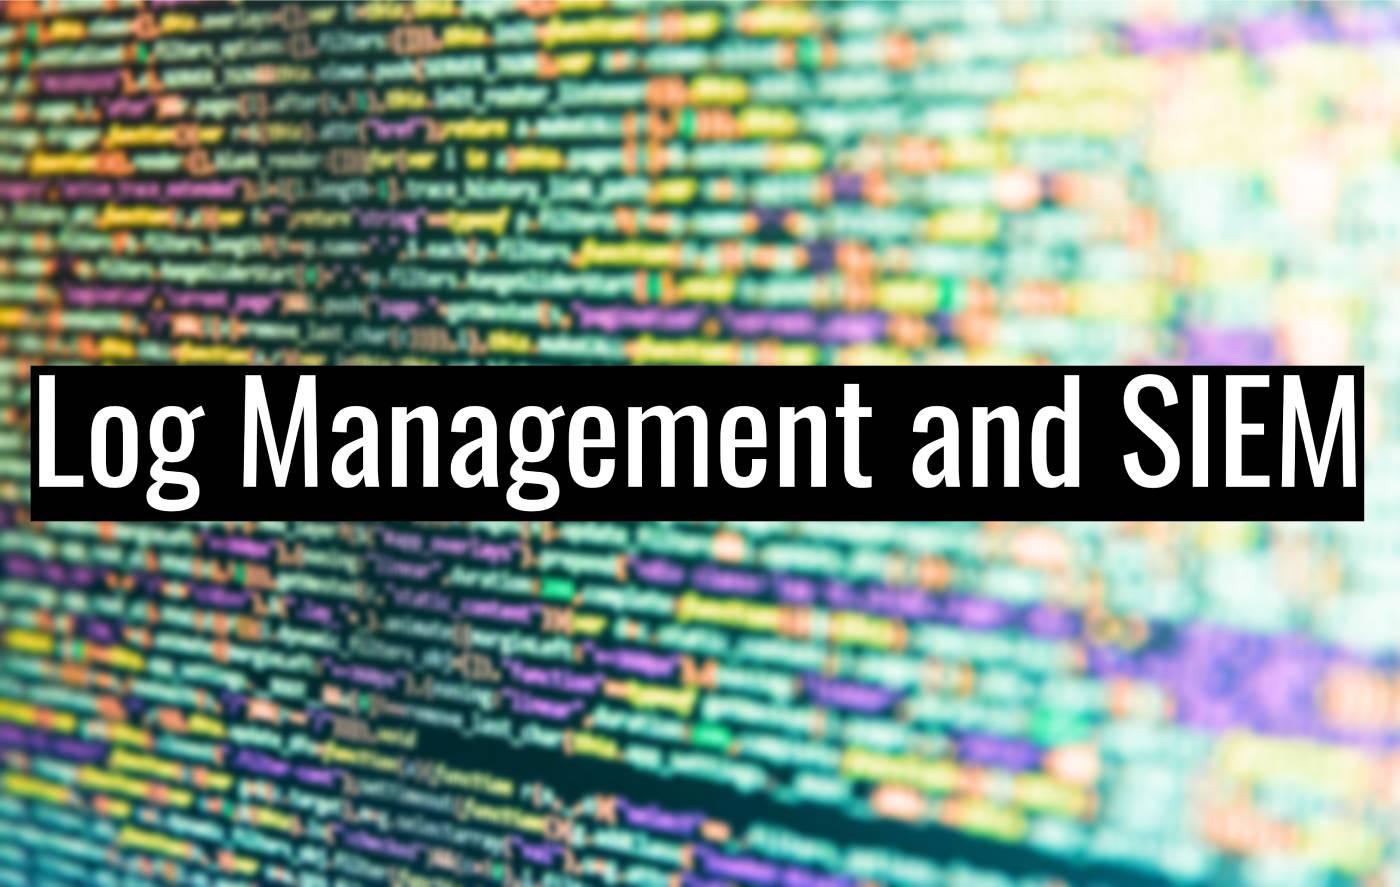 Log Management and SIEM